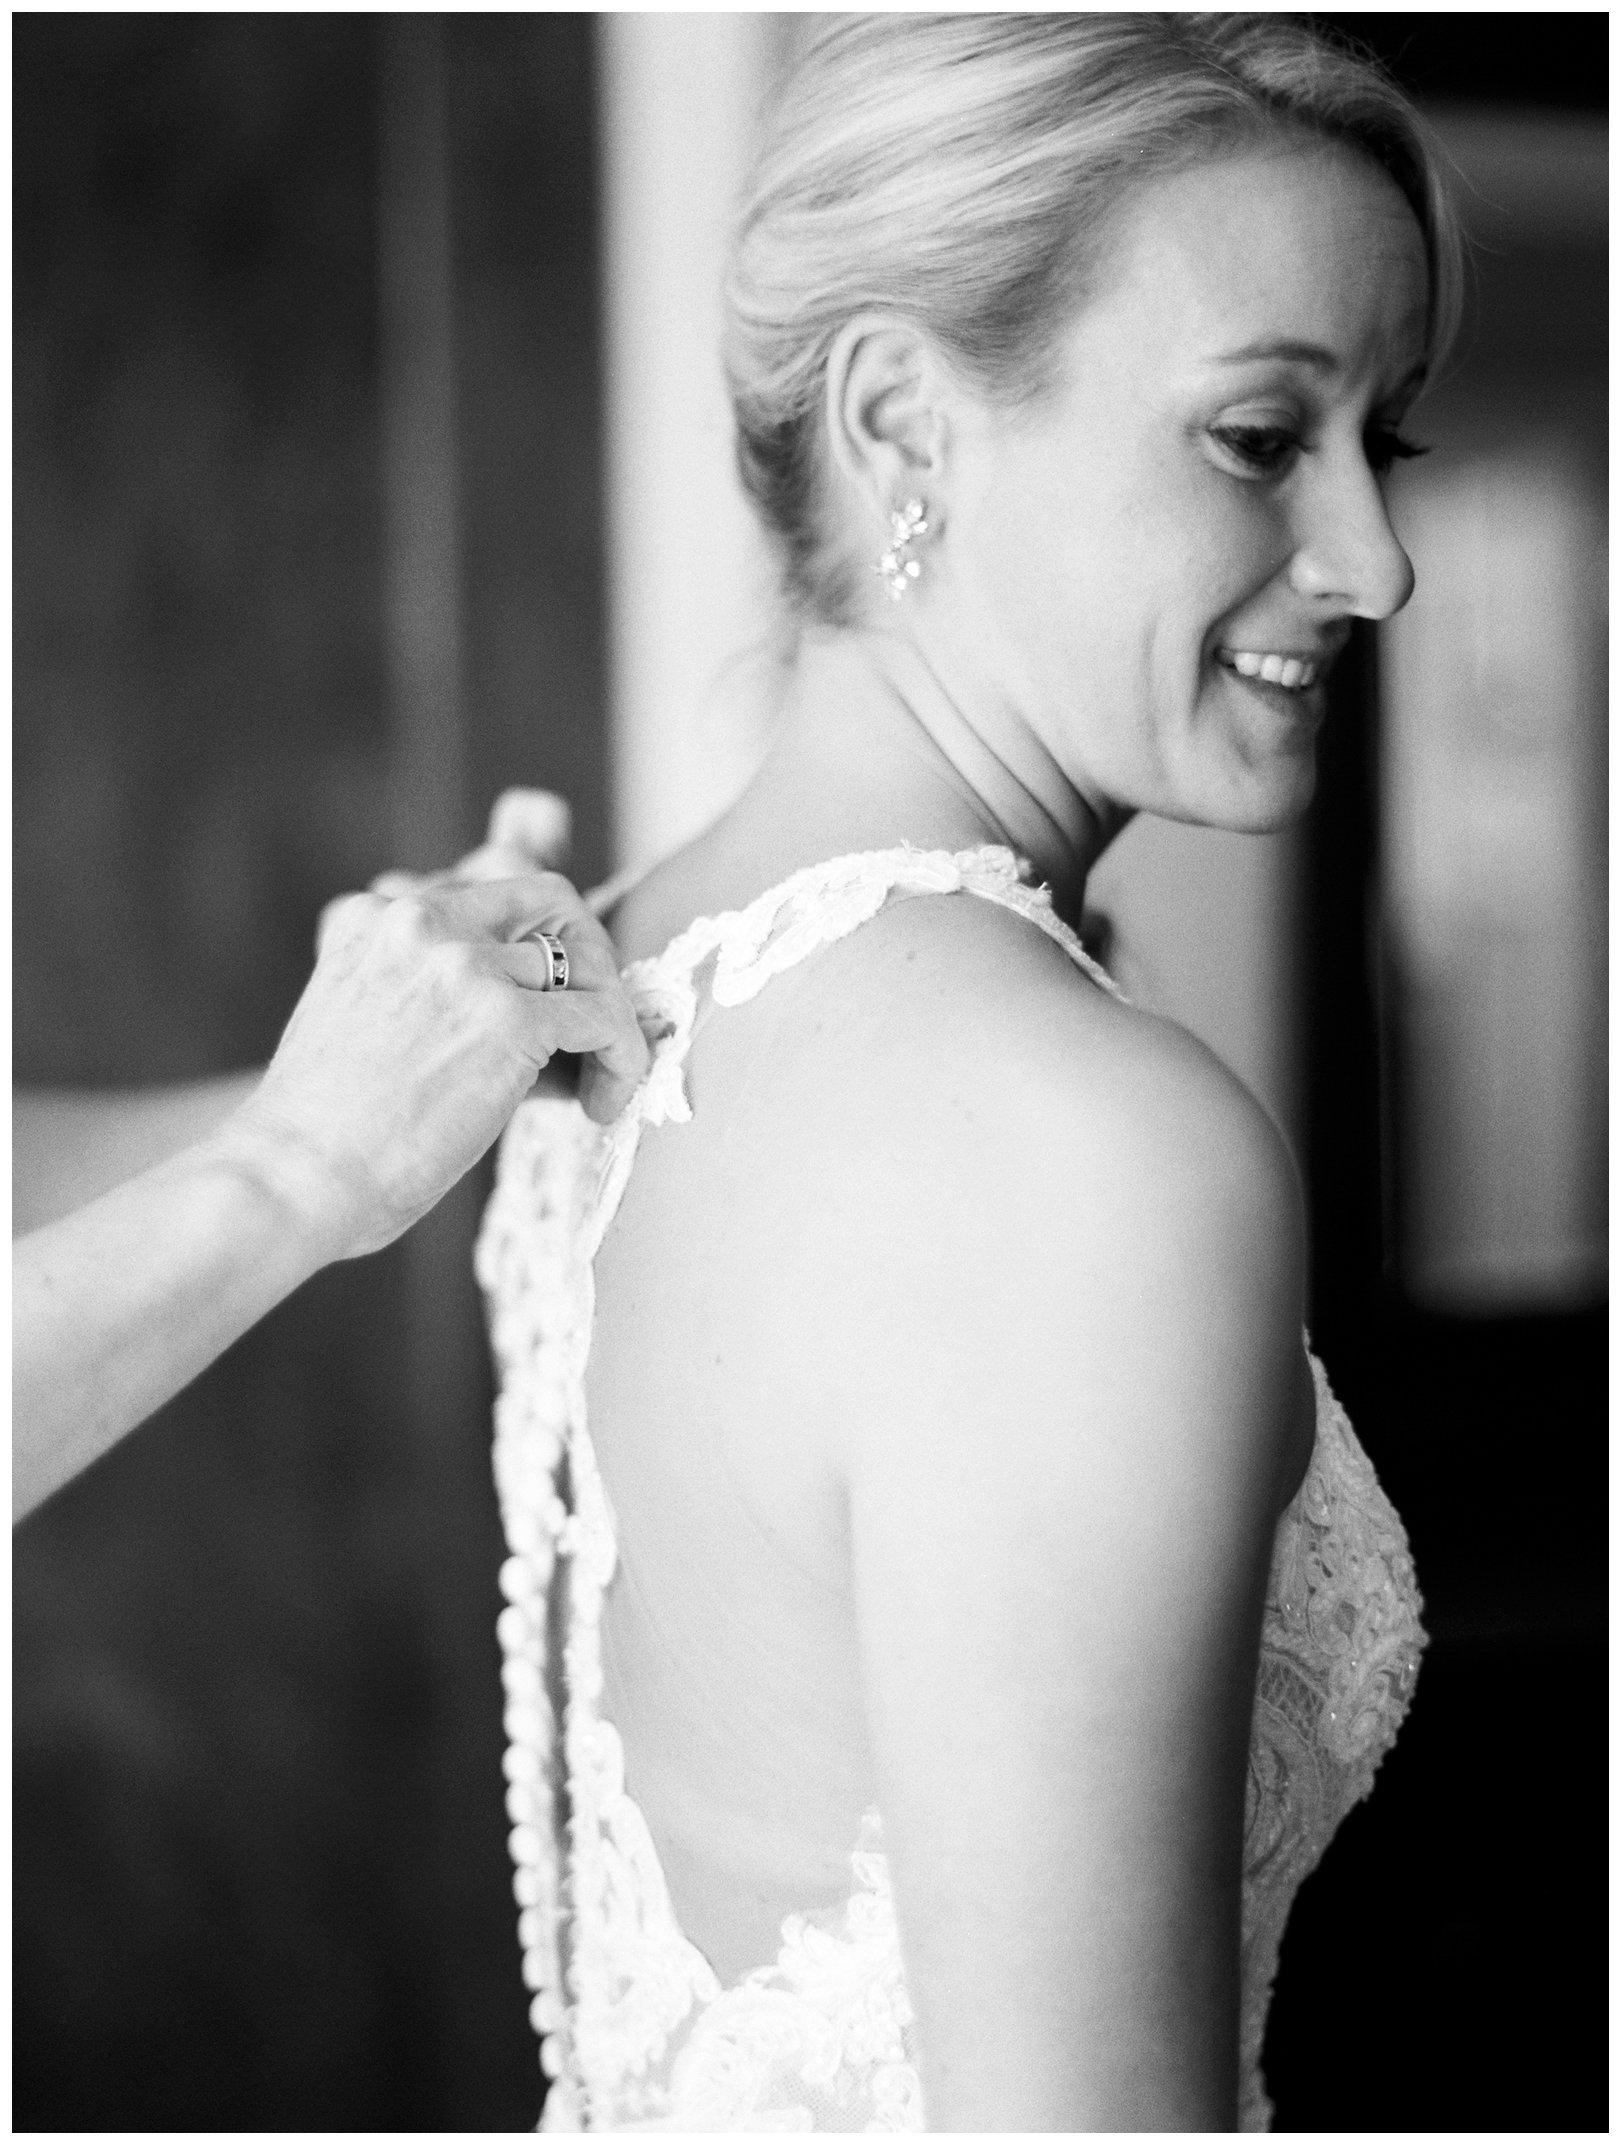 lauren muckler photography_fine art film wedding photography_st louis_photography_2410.jpg